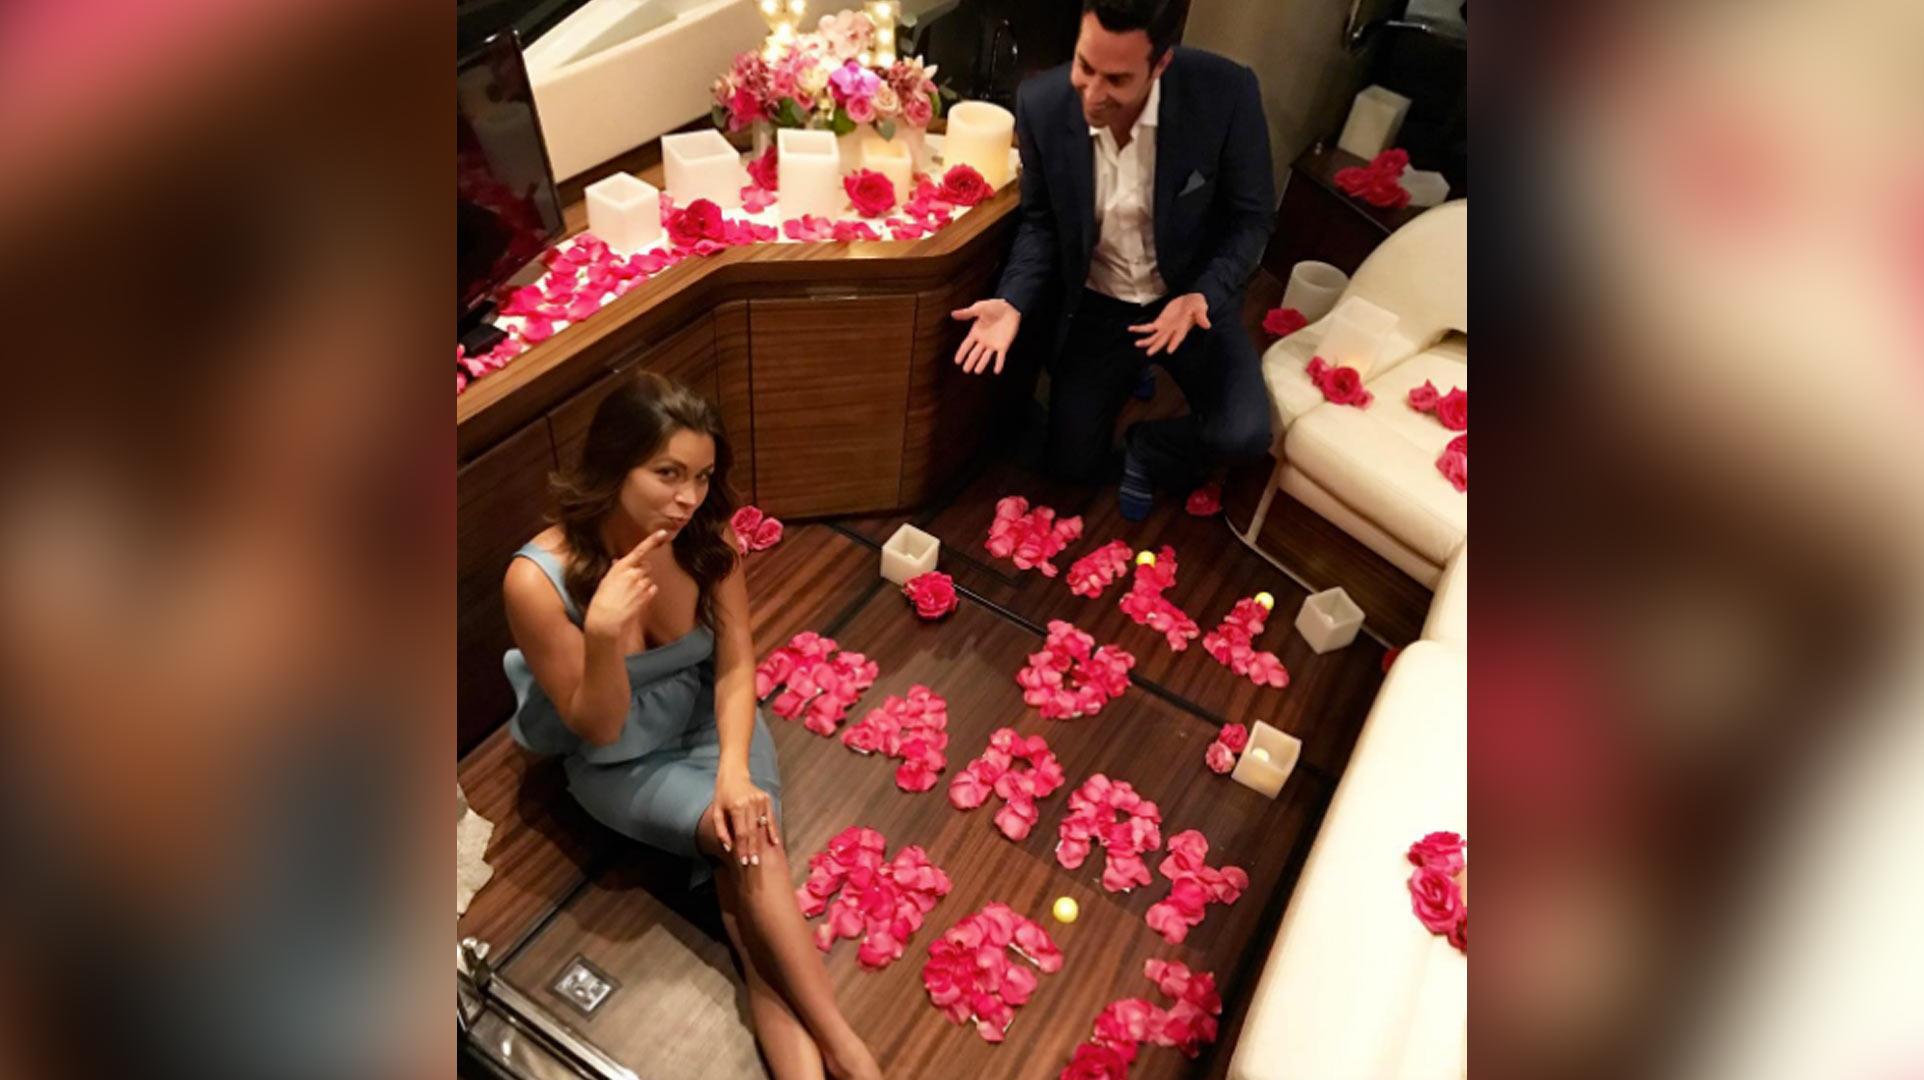 Matrimonio Ximena Duque : Ximena duque recibió espectacular pedida de matrimonio